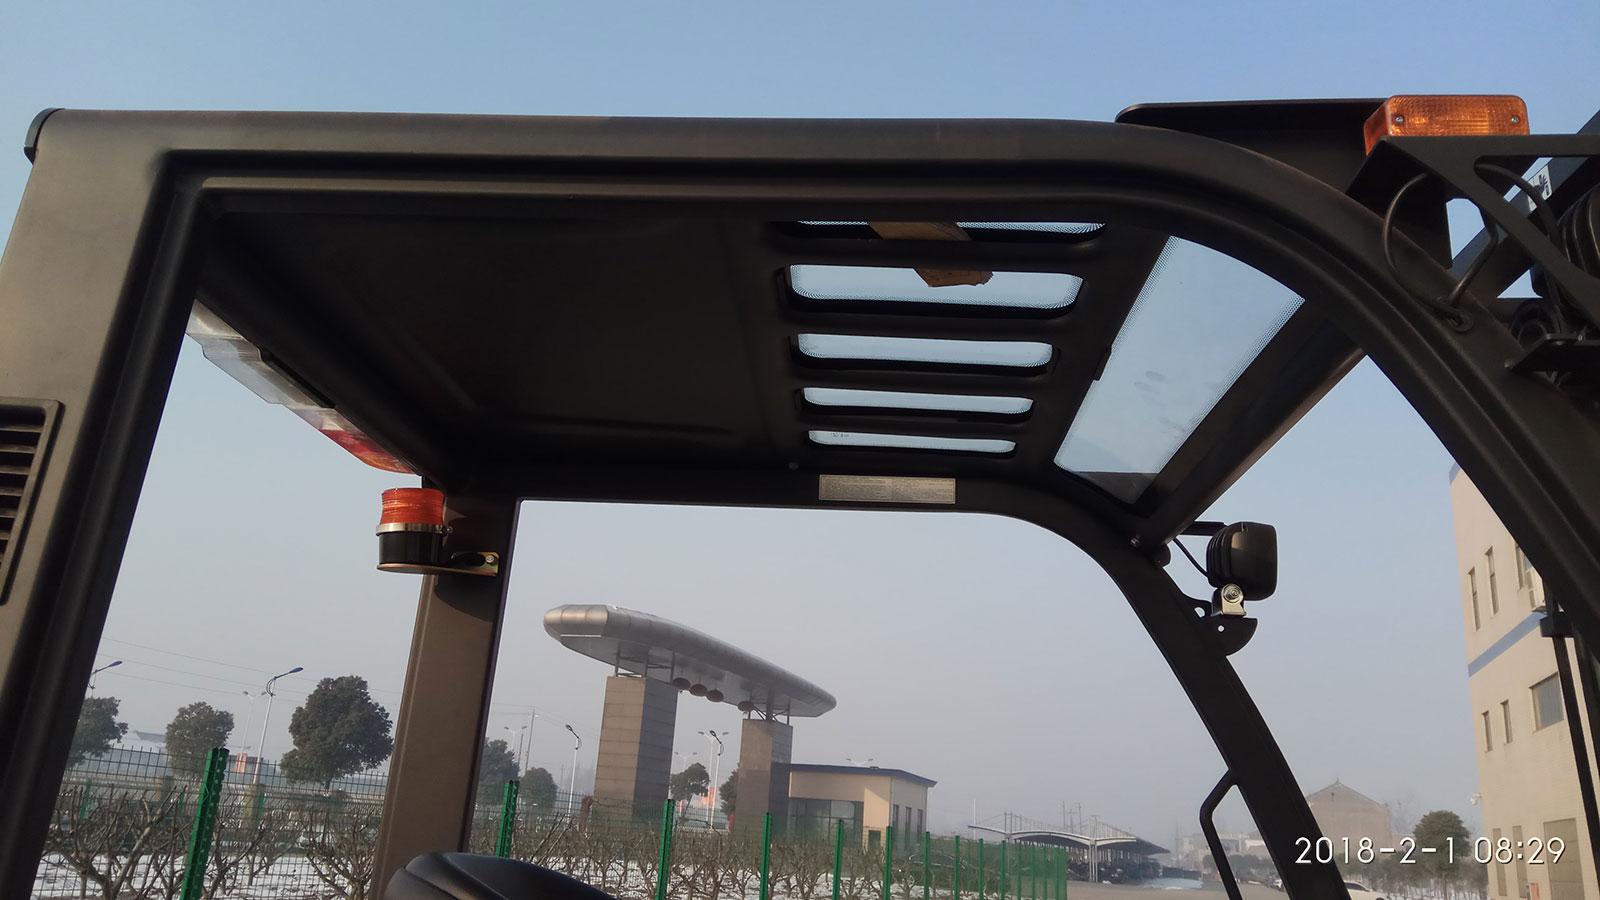 khung xe xe nâng dầu mga forklift 16 tấn